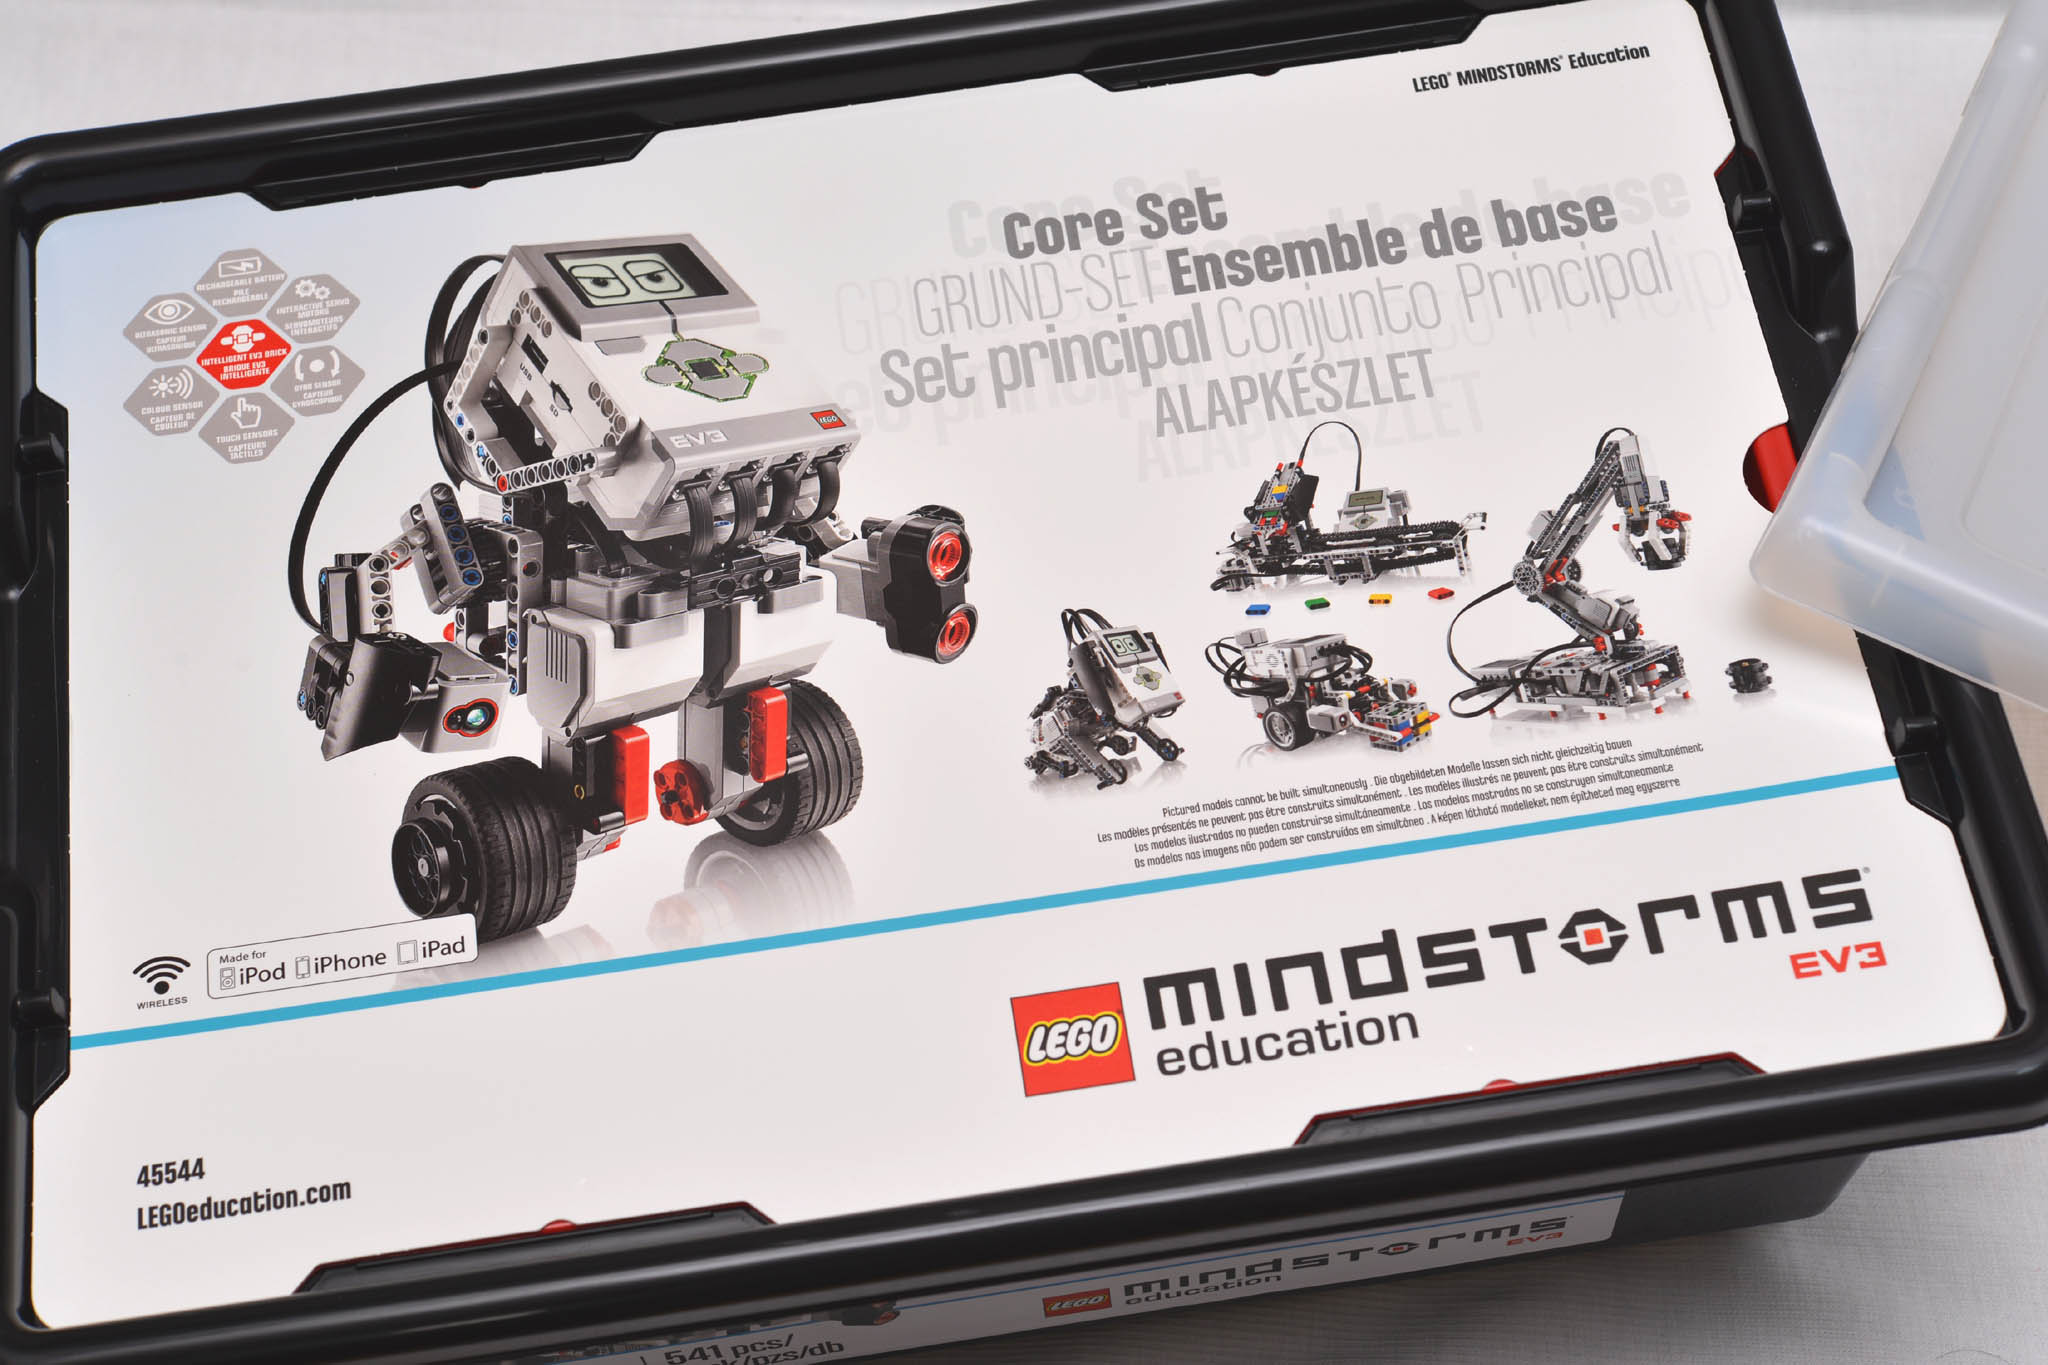 Игрушки-роботы для детей: для обучения и развлечения - 20